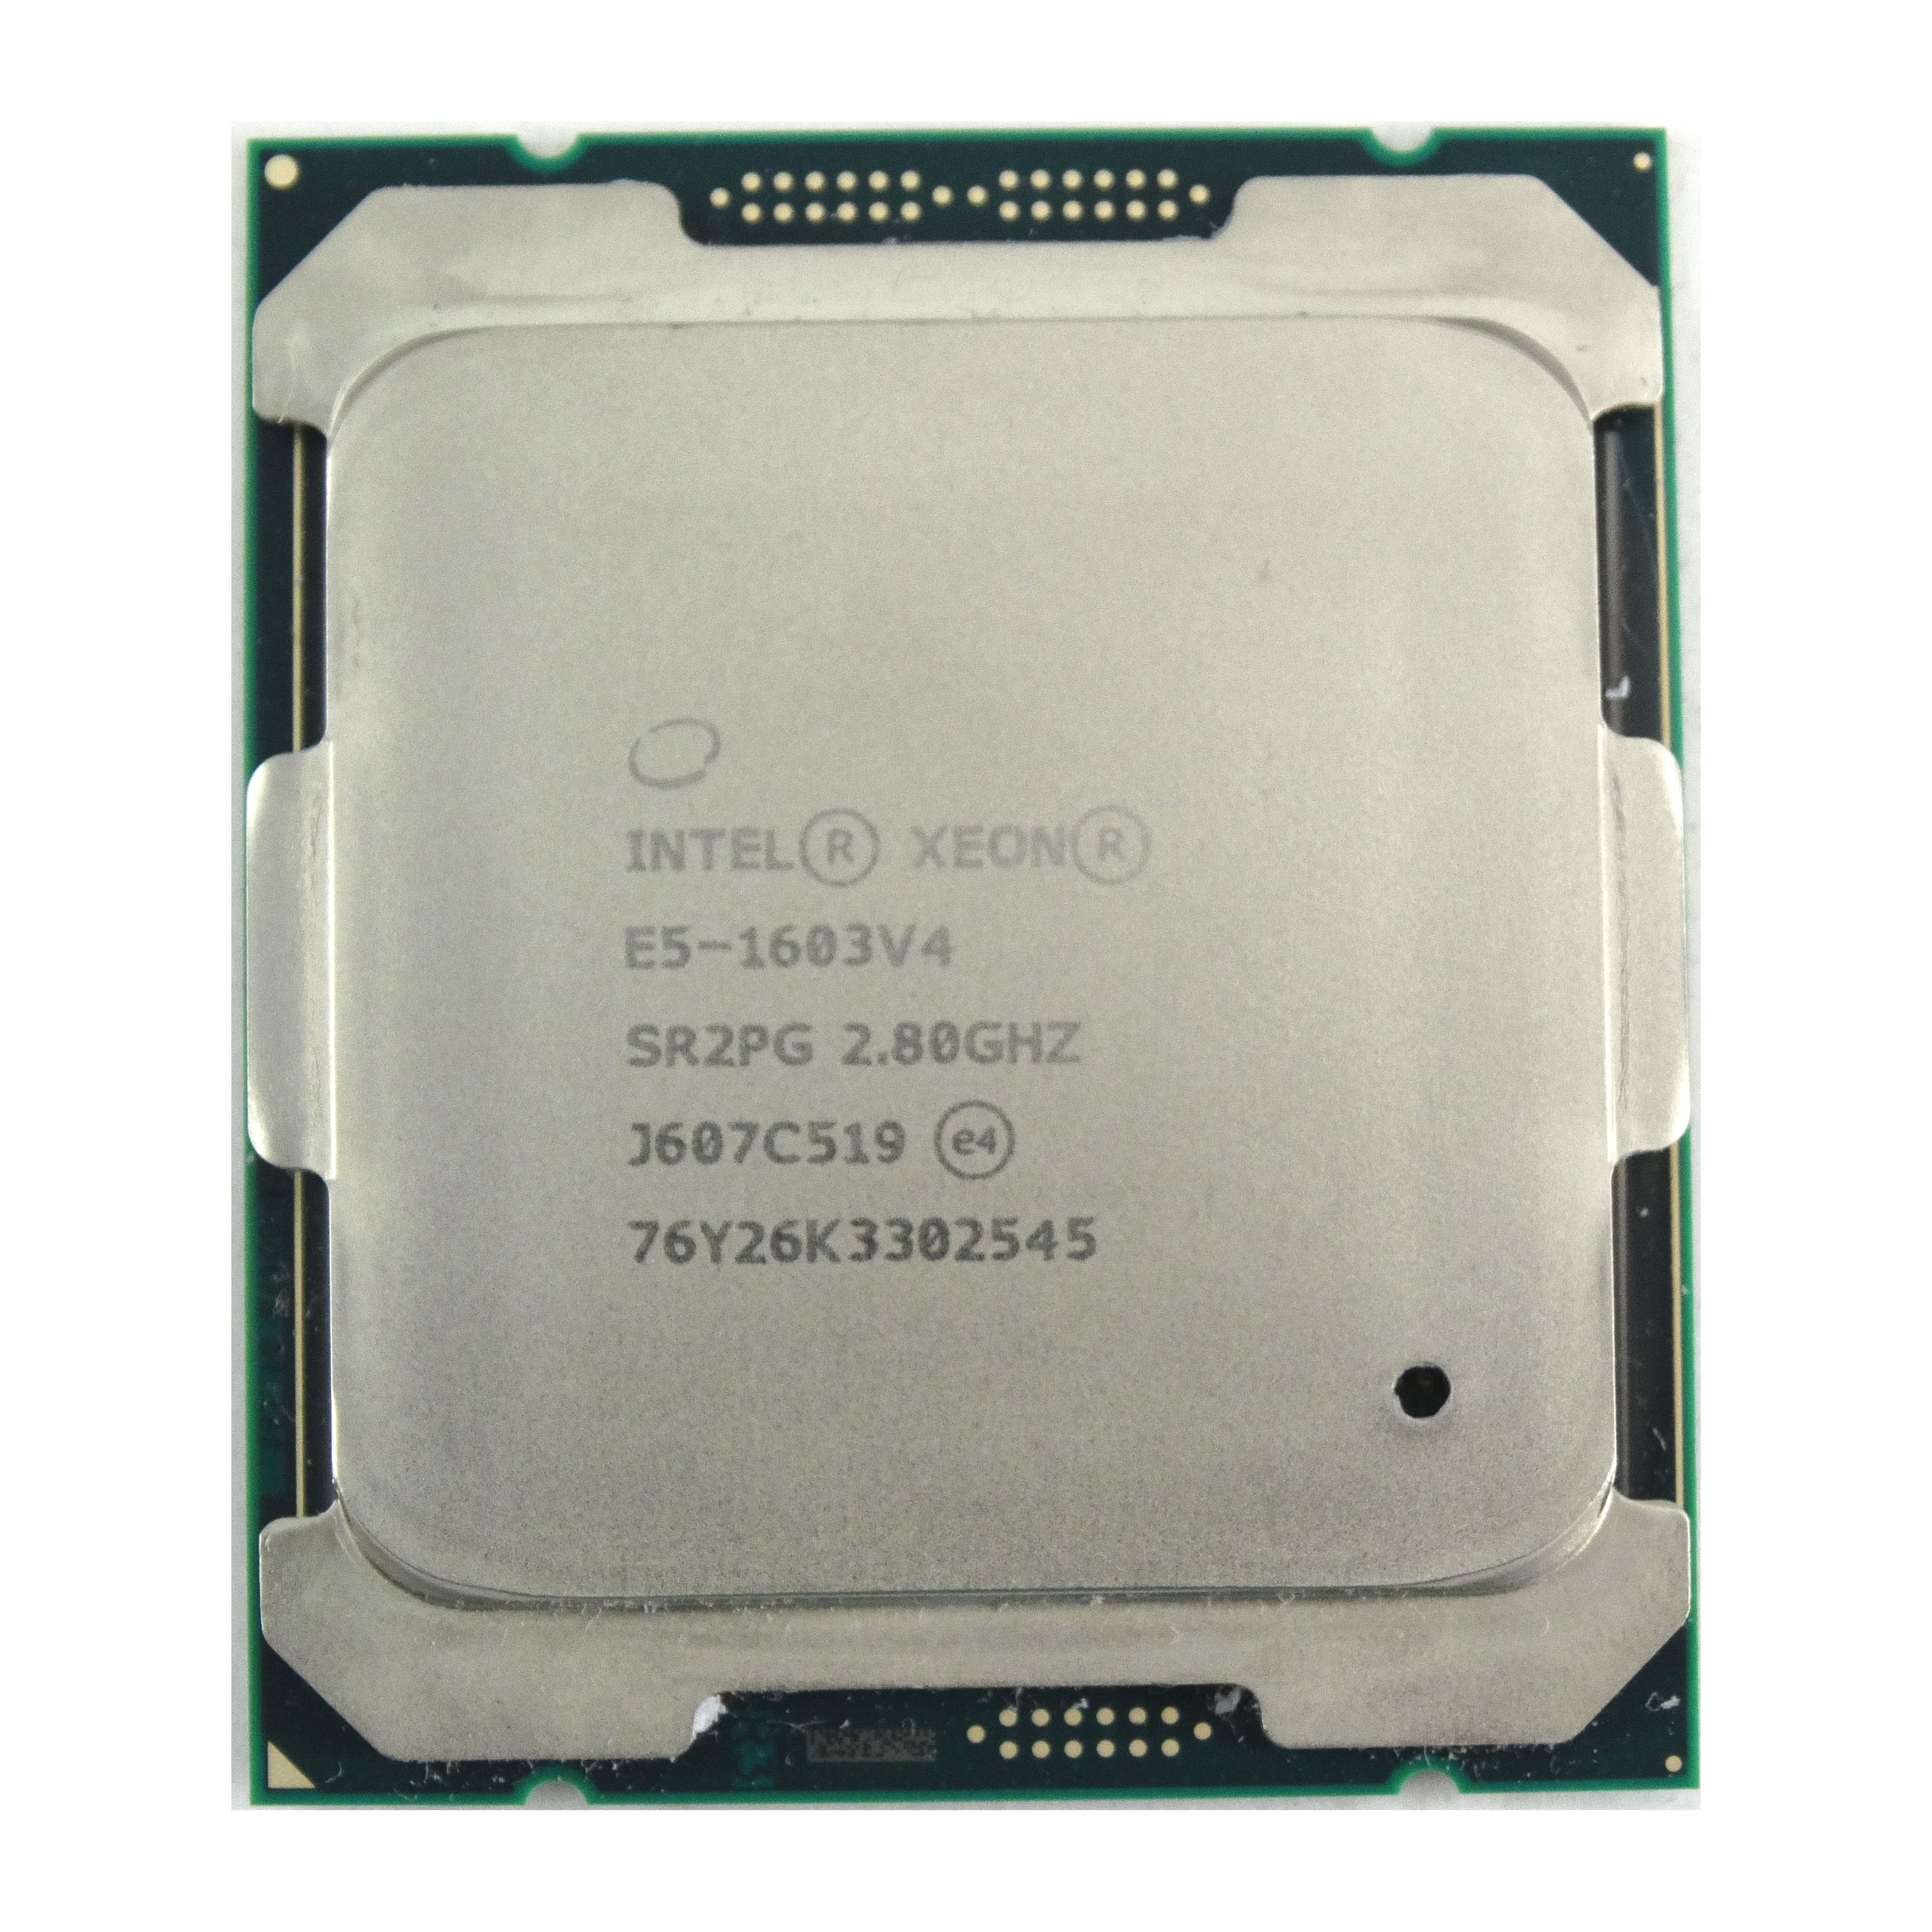 Intel Xeon E5-1603V4 2.80GHz 4Core 10MB LGA2011 Processor (SR2PG)